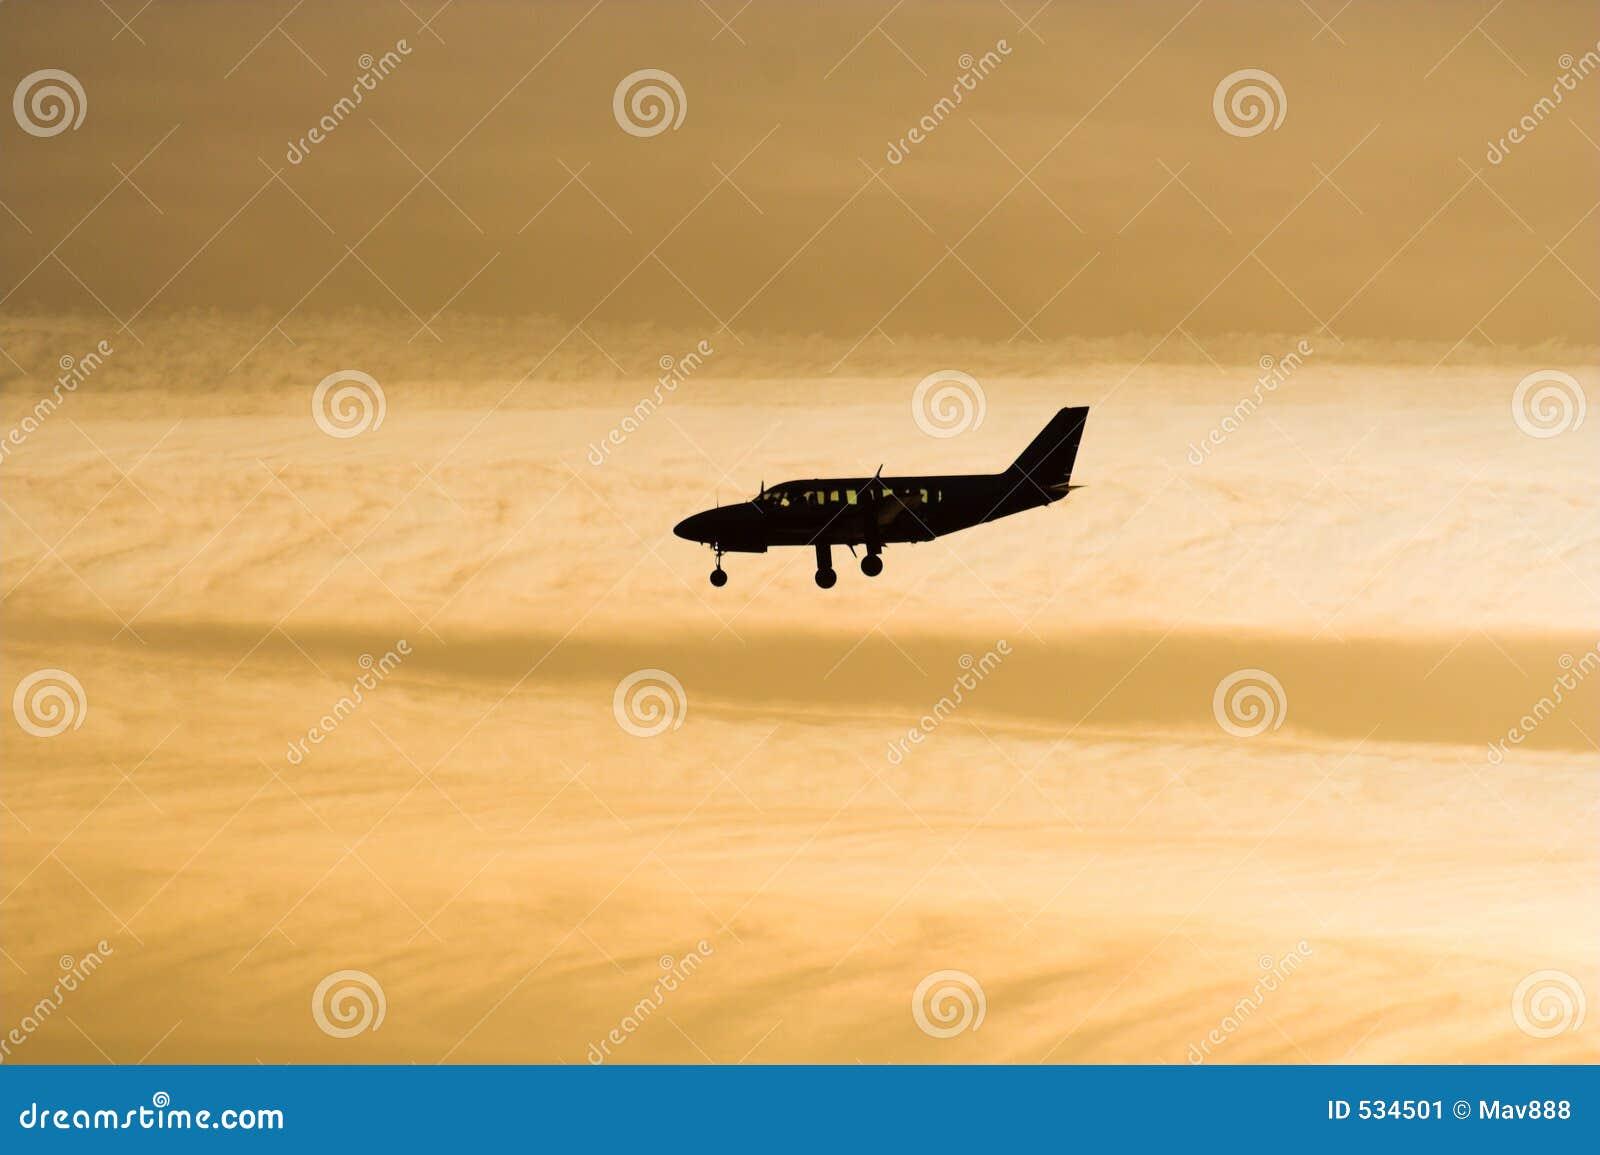 Download 飞机剪影 库存图片. 图片 包括有 后方, 水平尾翼, 商业, 天空, 旅行, 触地得分, 作为, 星形, 机体 - 534501